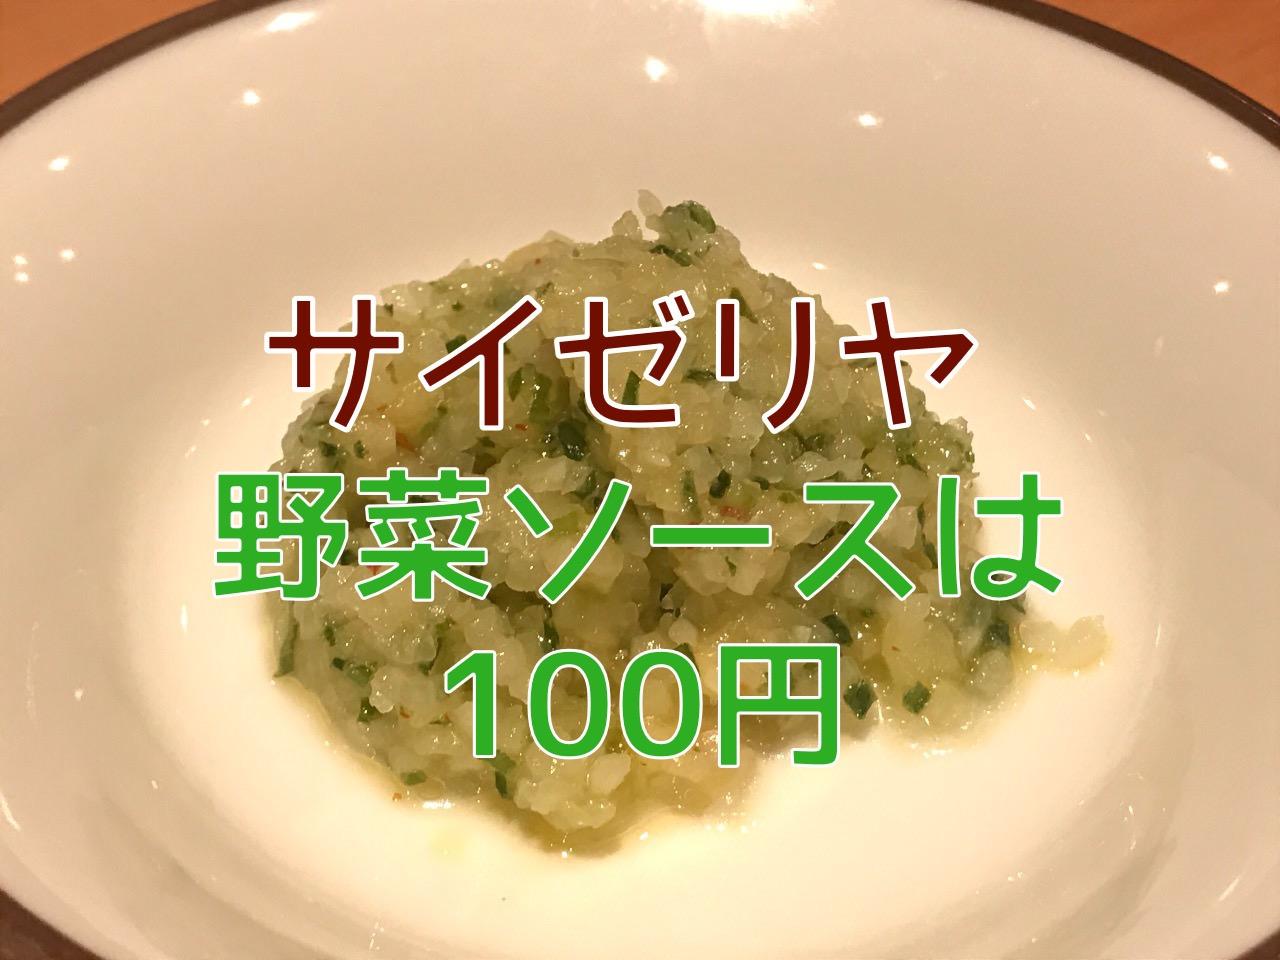 【サイゼリヤ】「野菜ソース」は必ず追加オーダーするべし